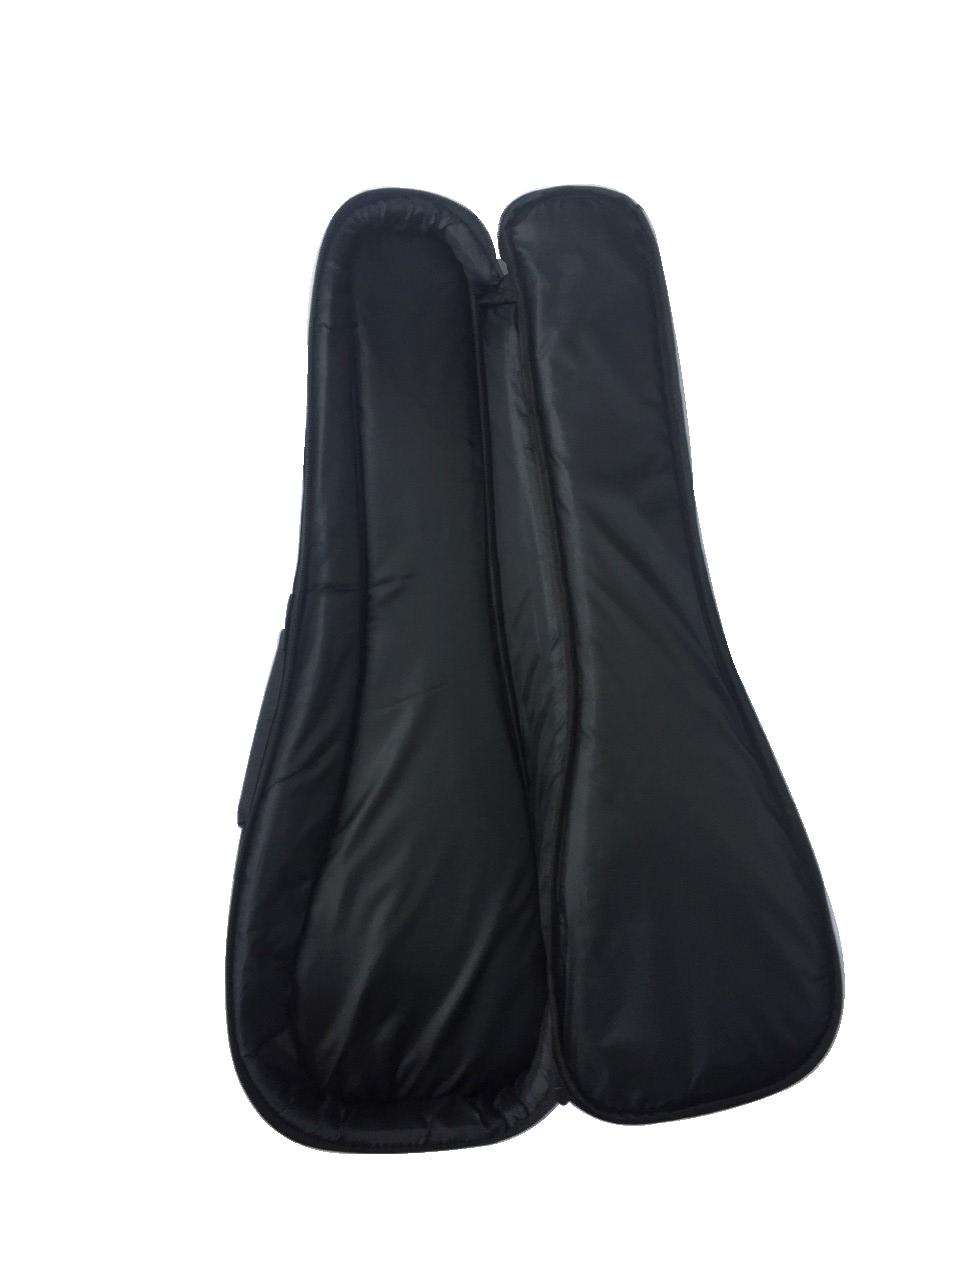 Kahula Kvalitets Taske til Koncert Ukulele 15 mm polster